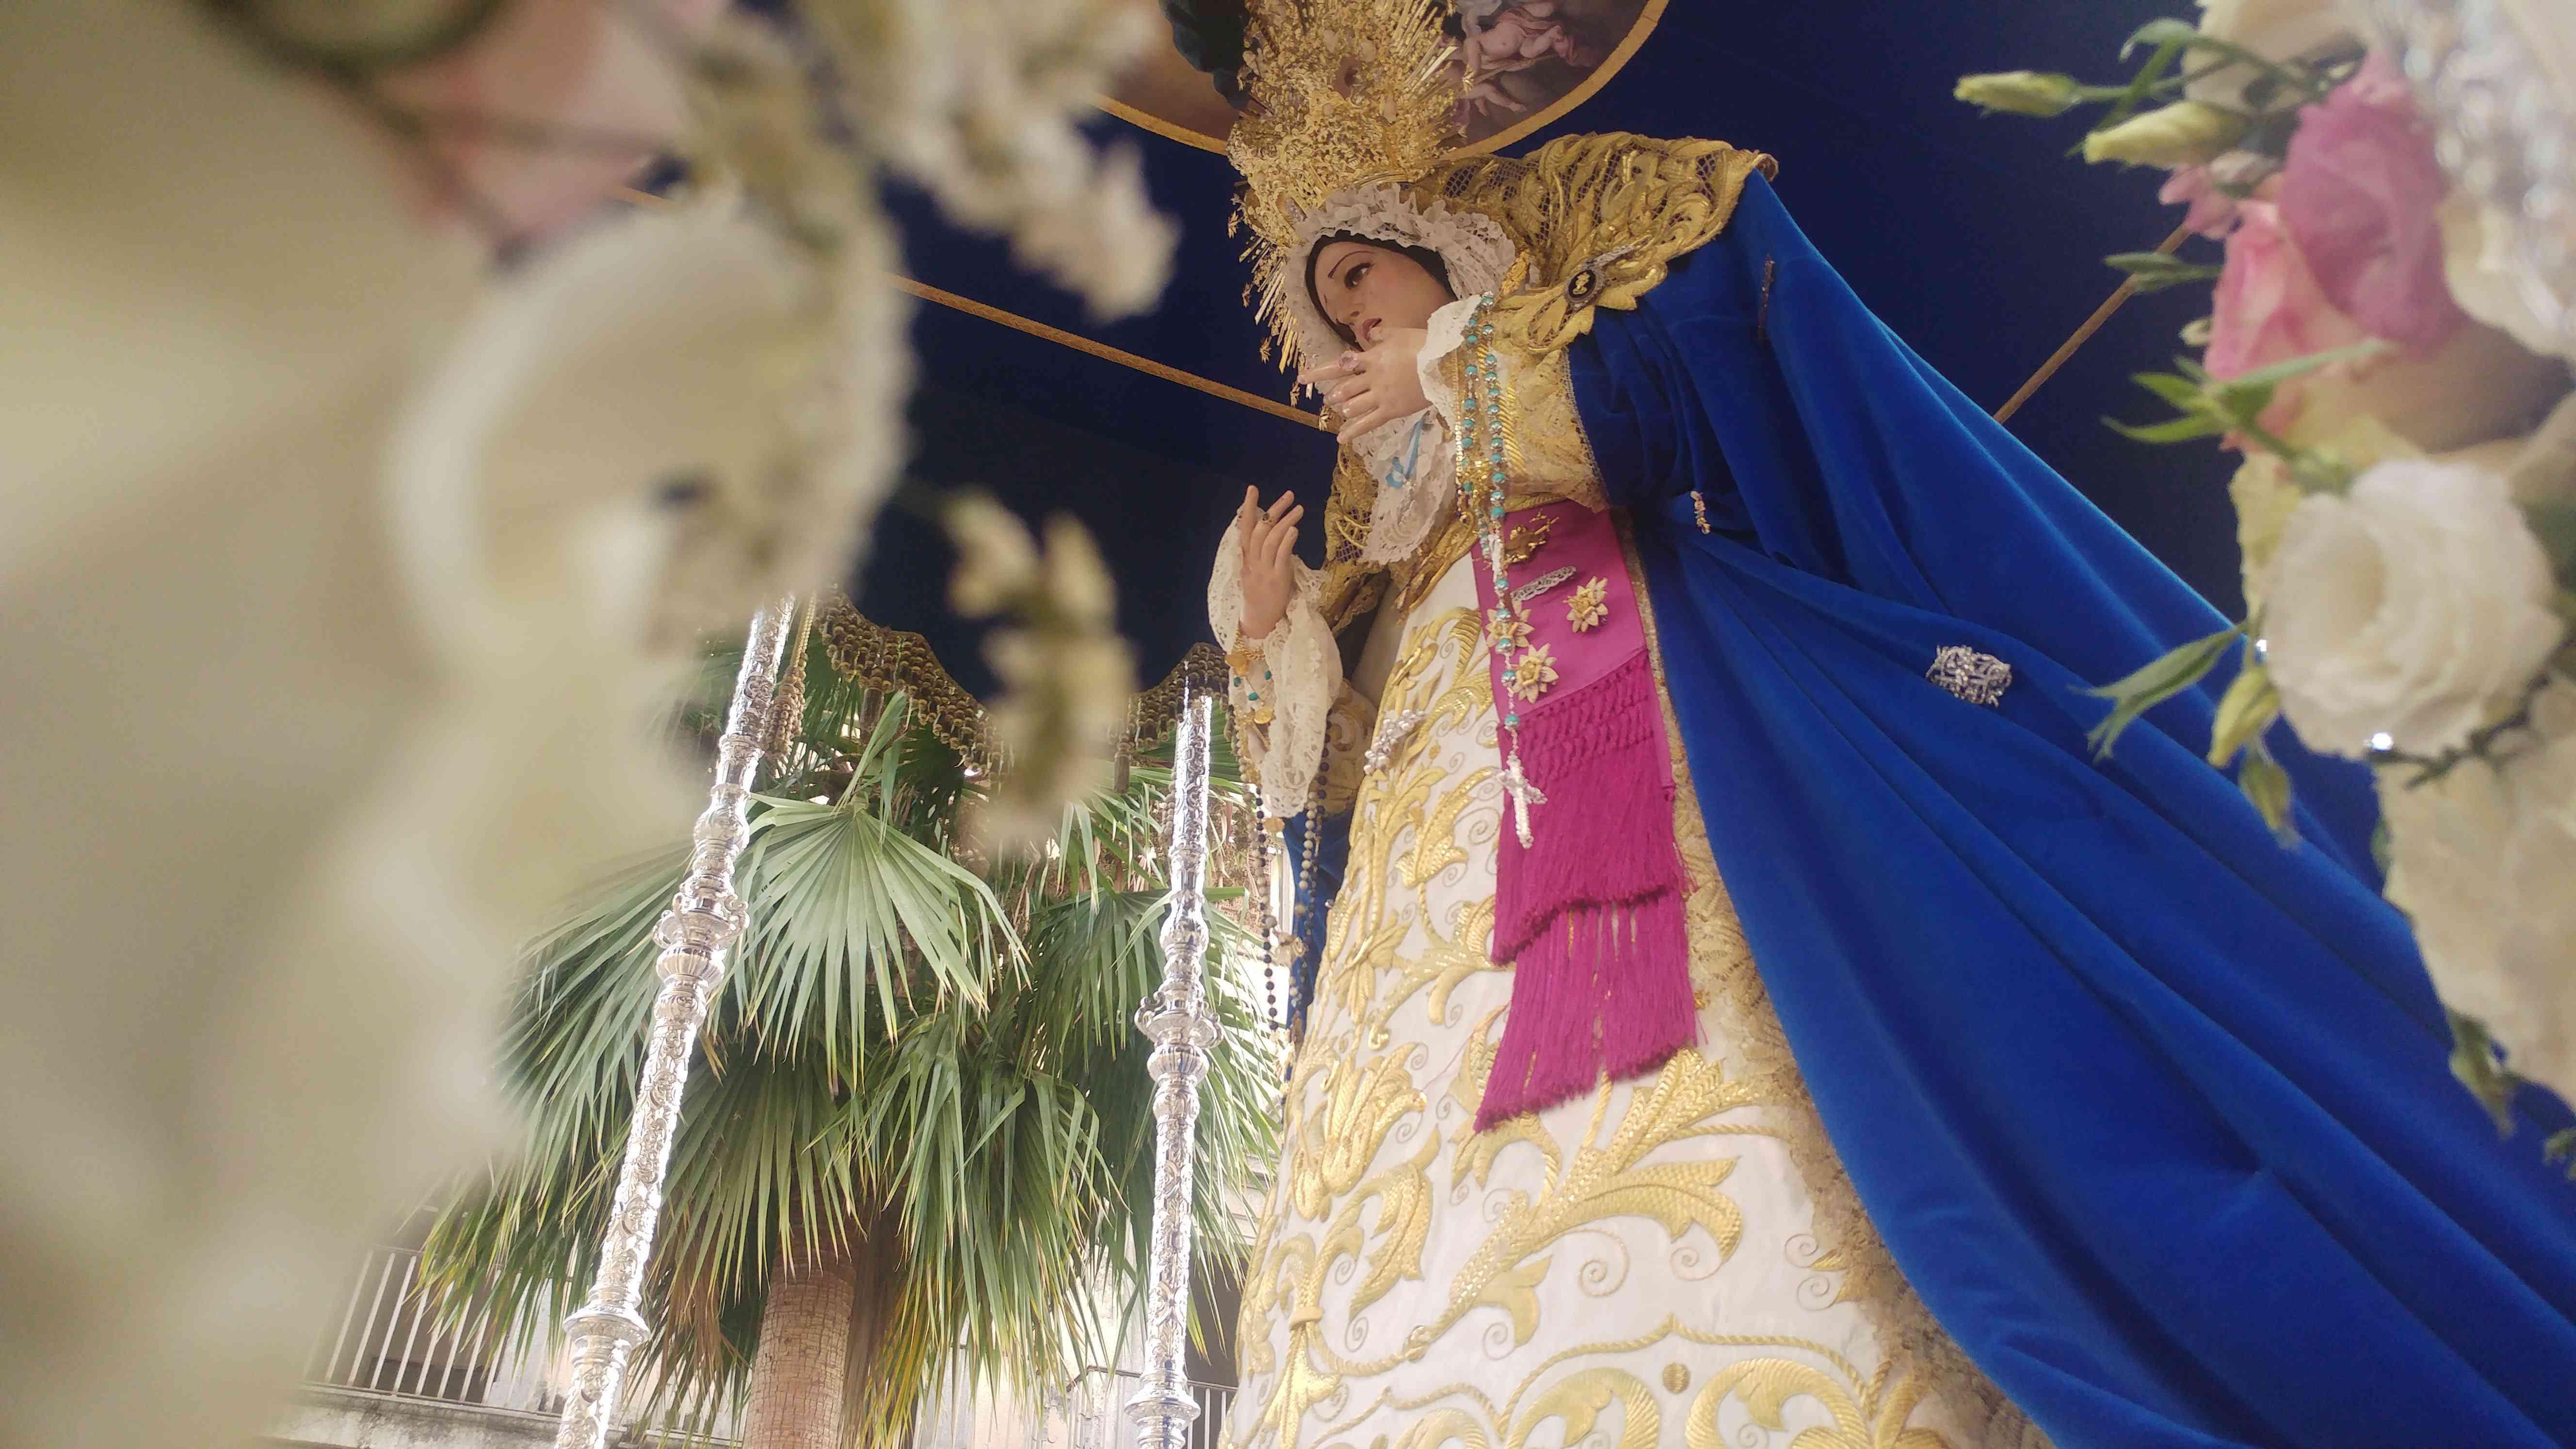 Extraordinaria Medalla Huelva Virgen de los Dolores 15-09-2018